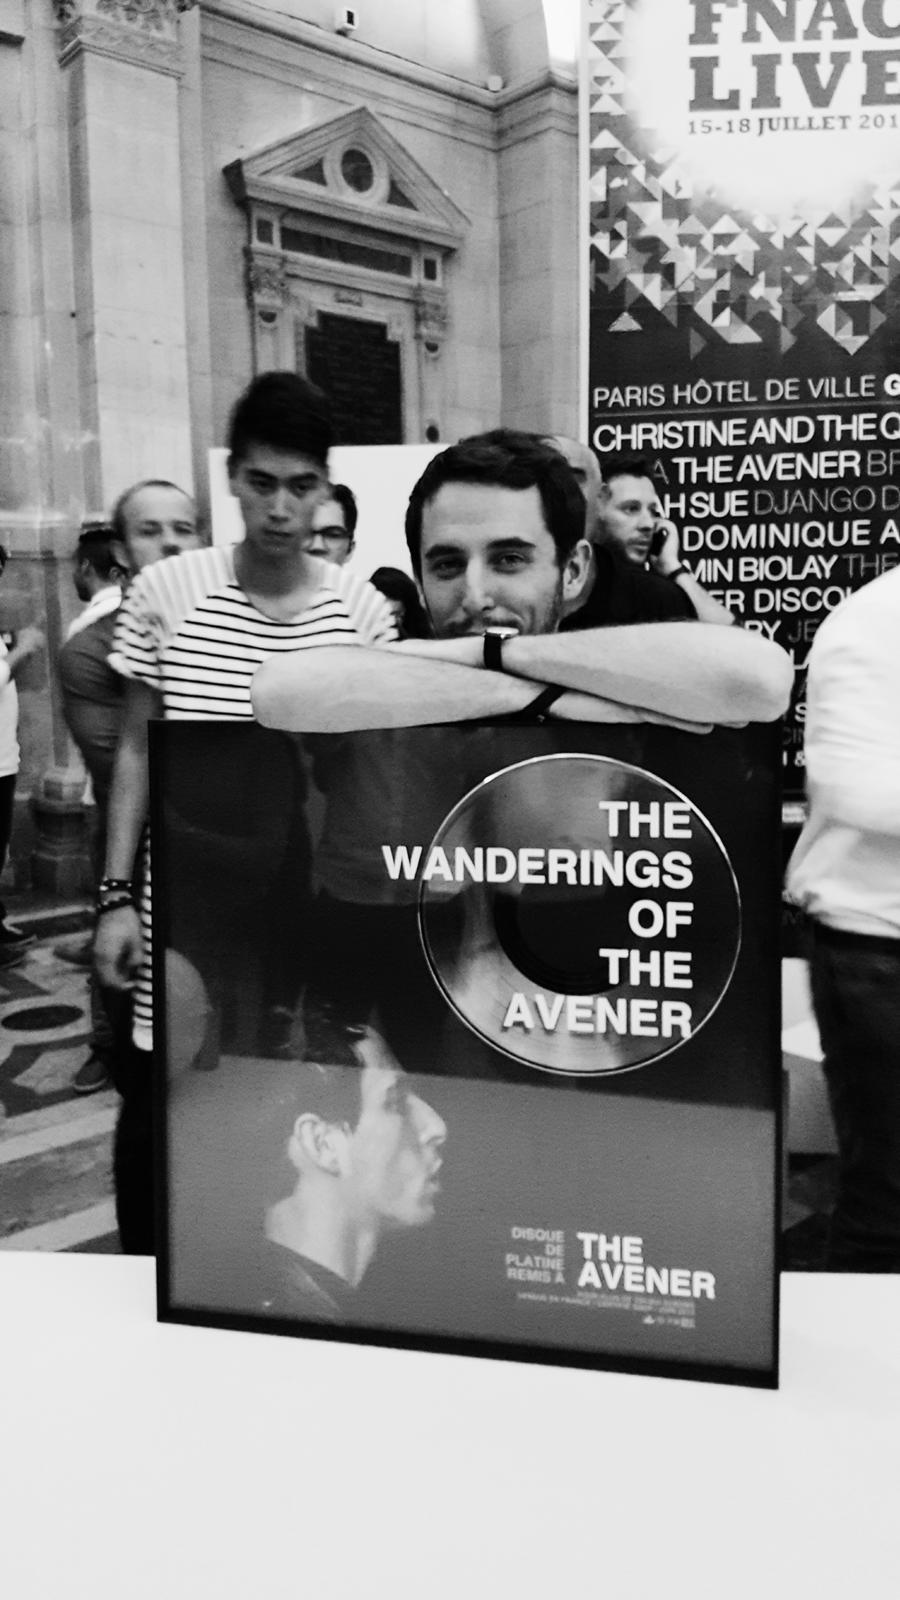 Le disque de platine de The Avener fnaclive 2015 festival concert live dj set Tristan Casara tournée The wanderings of the avener tour photo backstage by united states of paris blog